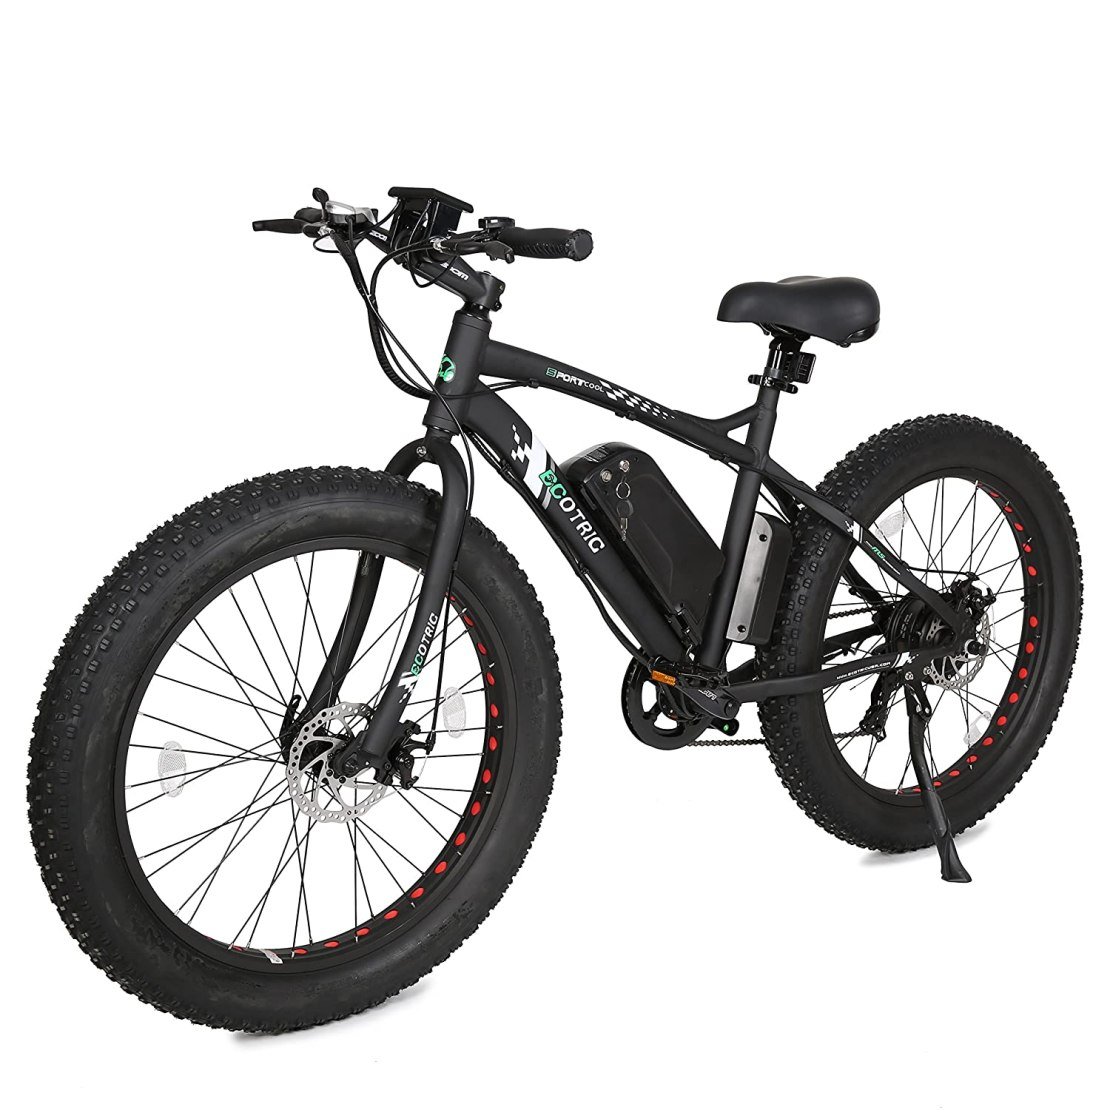 91rQBmpFMKL. SL1500  - 10 Best Electric Bikes 2019